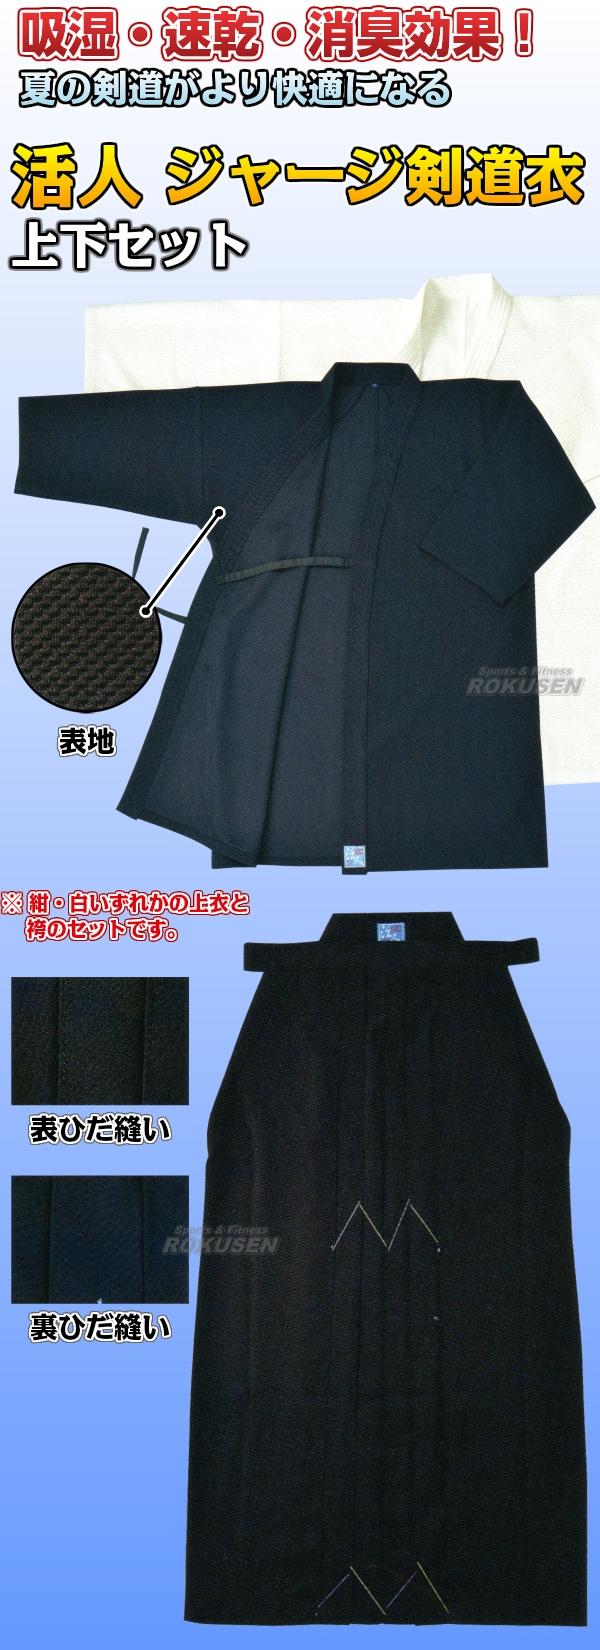 【松勘 剣道】活人 ジャージ剣道衣 上衣・袴セット KG-500EL/KG-510EL・KH-920